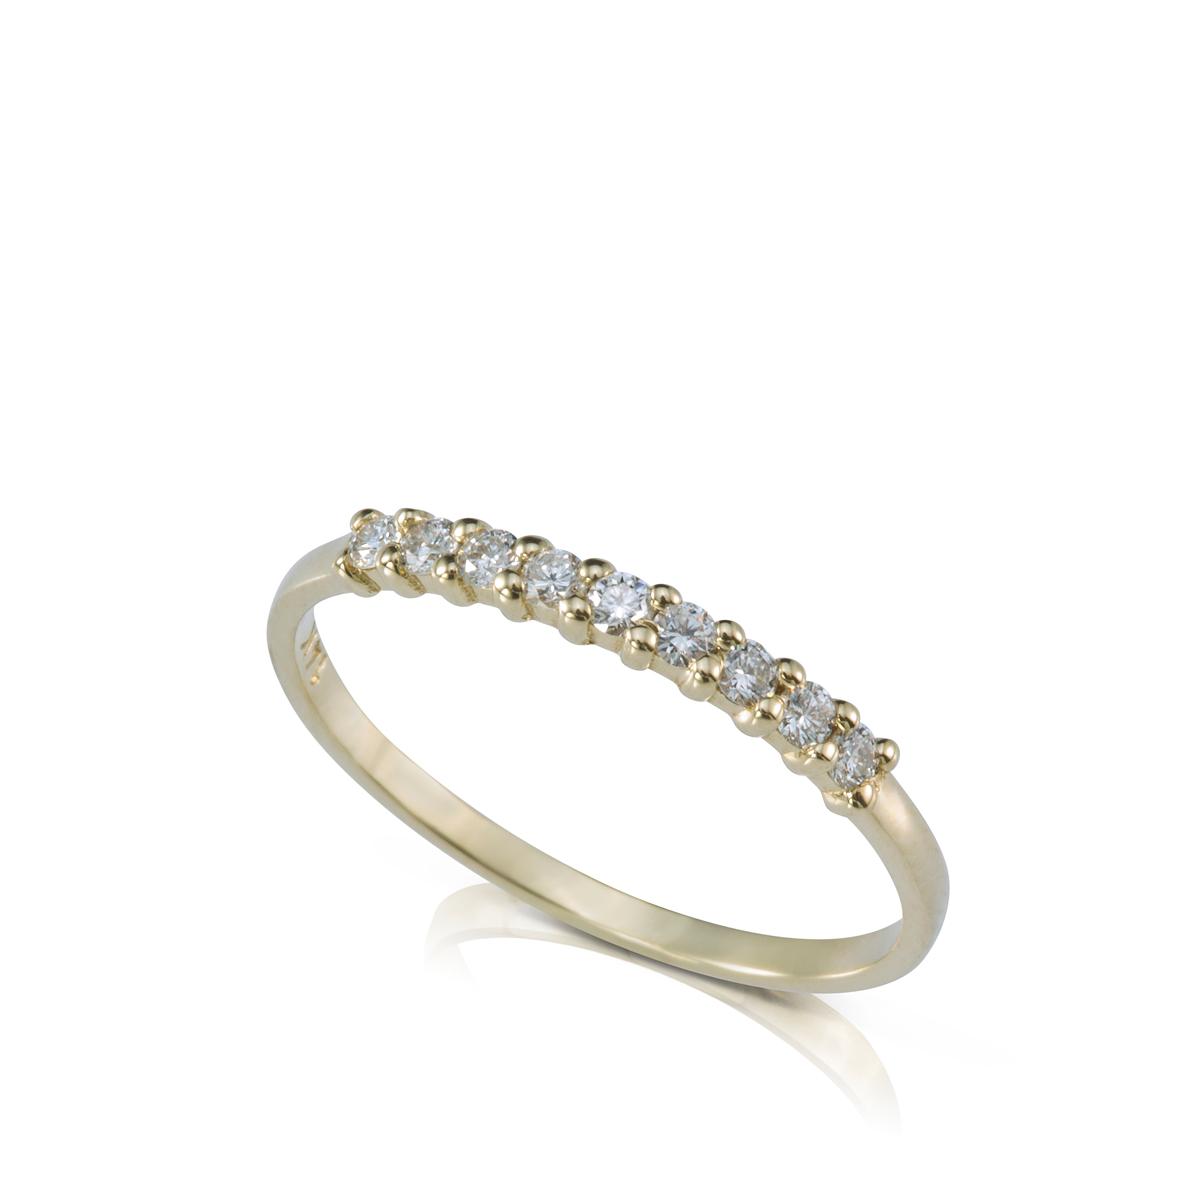 טבעת שורת יהלומים בשיבוץ בולט